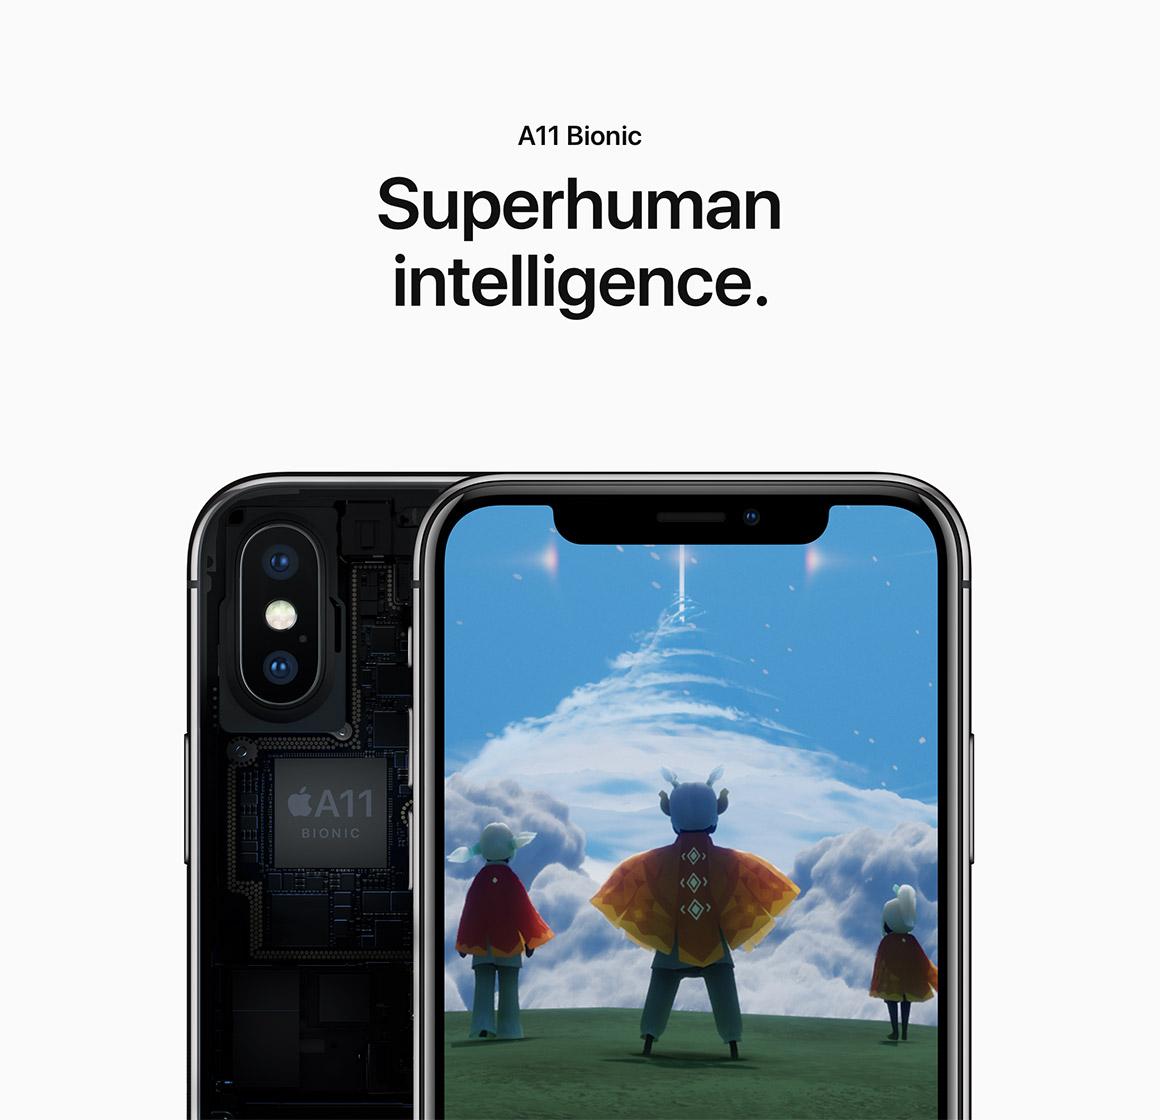 Superhuman intelligence.